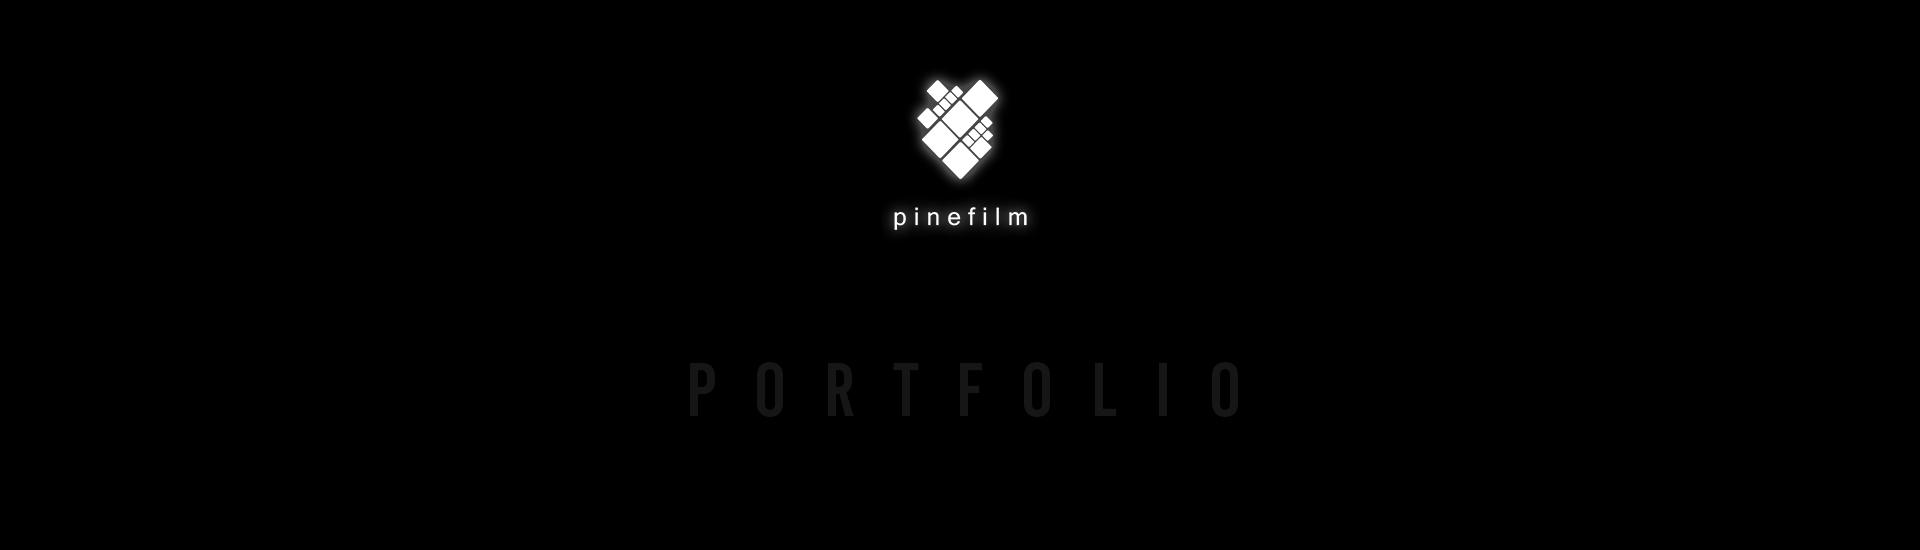 pinefilm